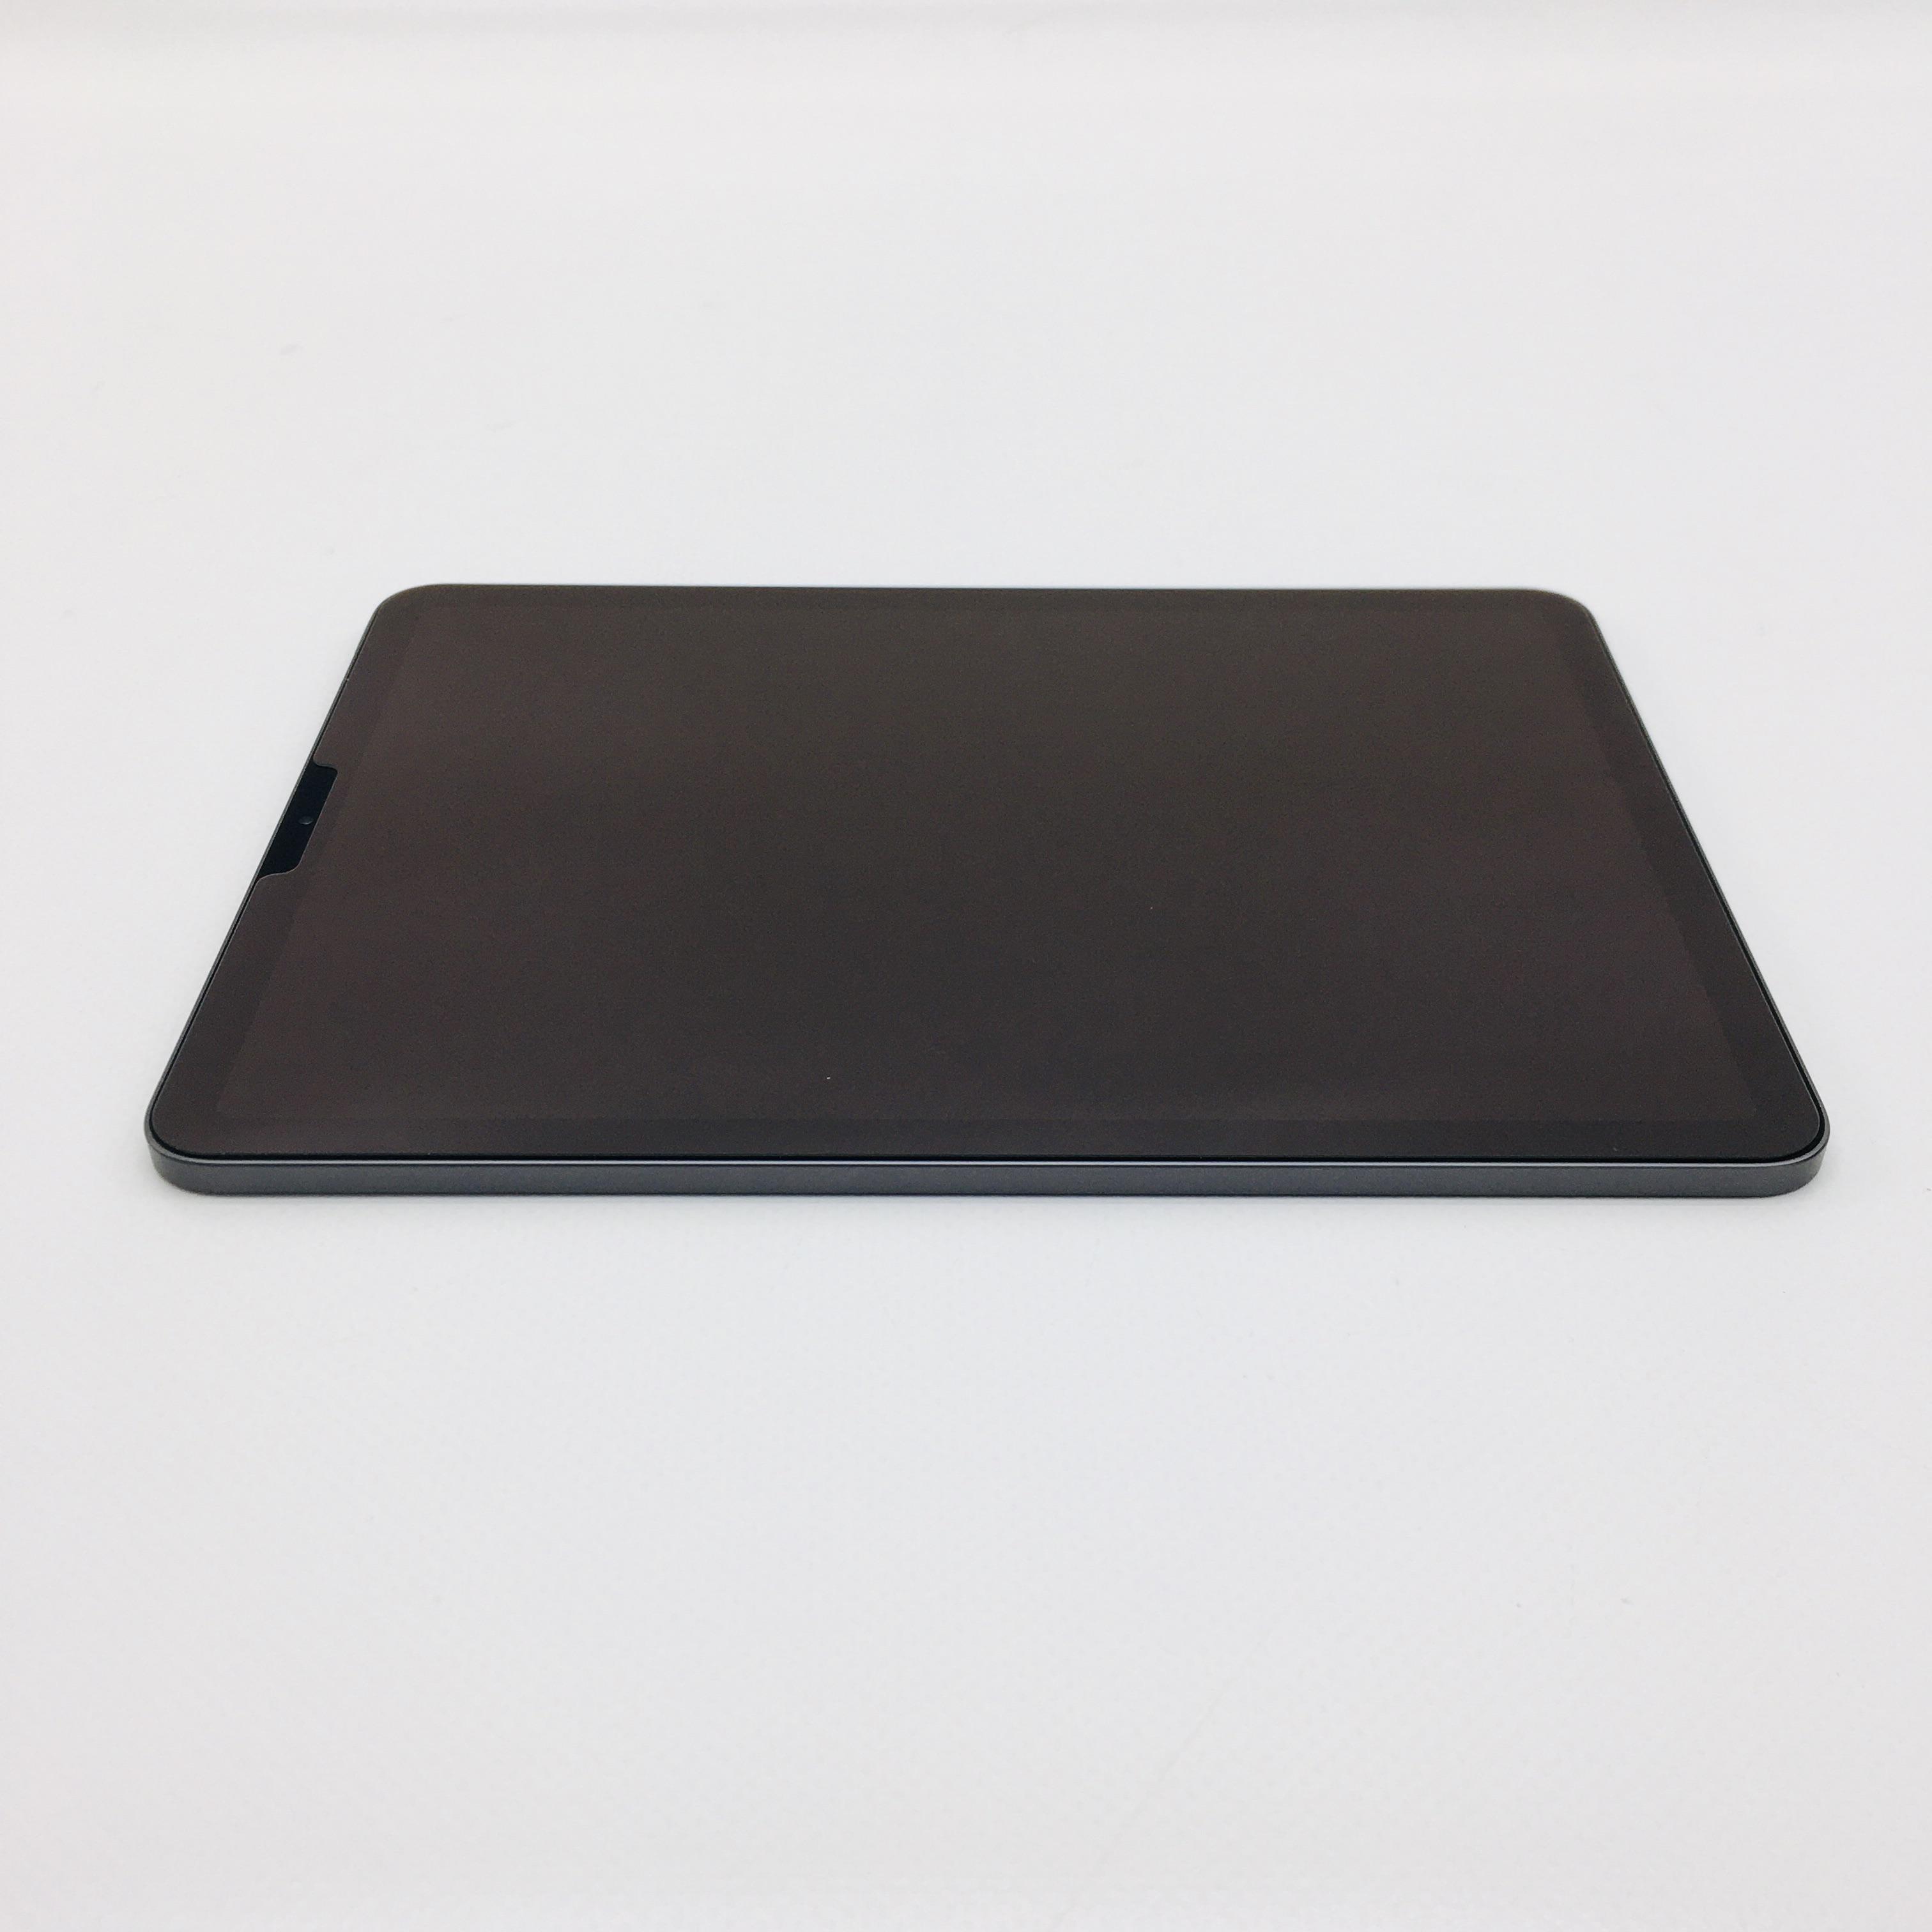 iPad Air 4 Wi-Fi 64GB, Space Gray, image 2